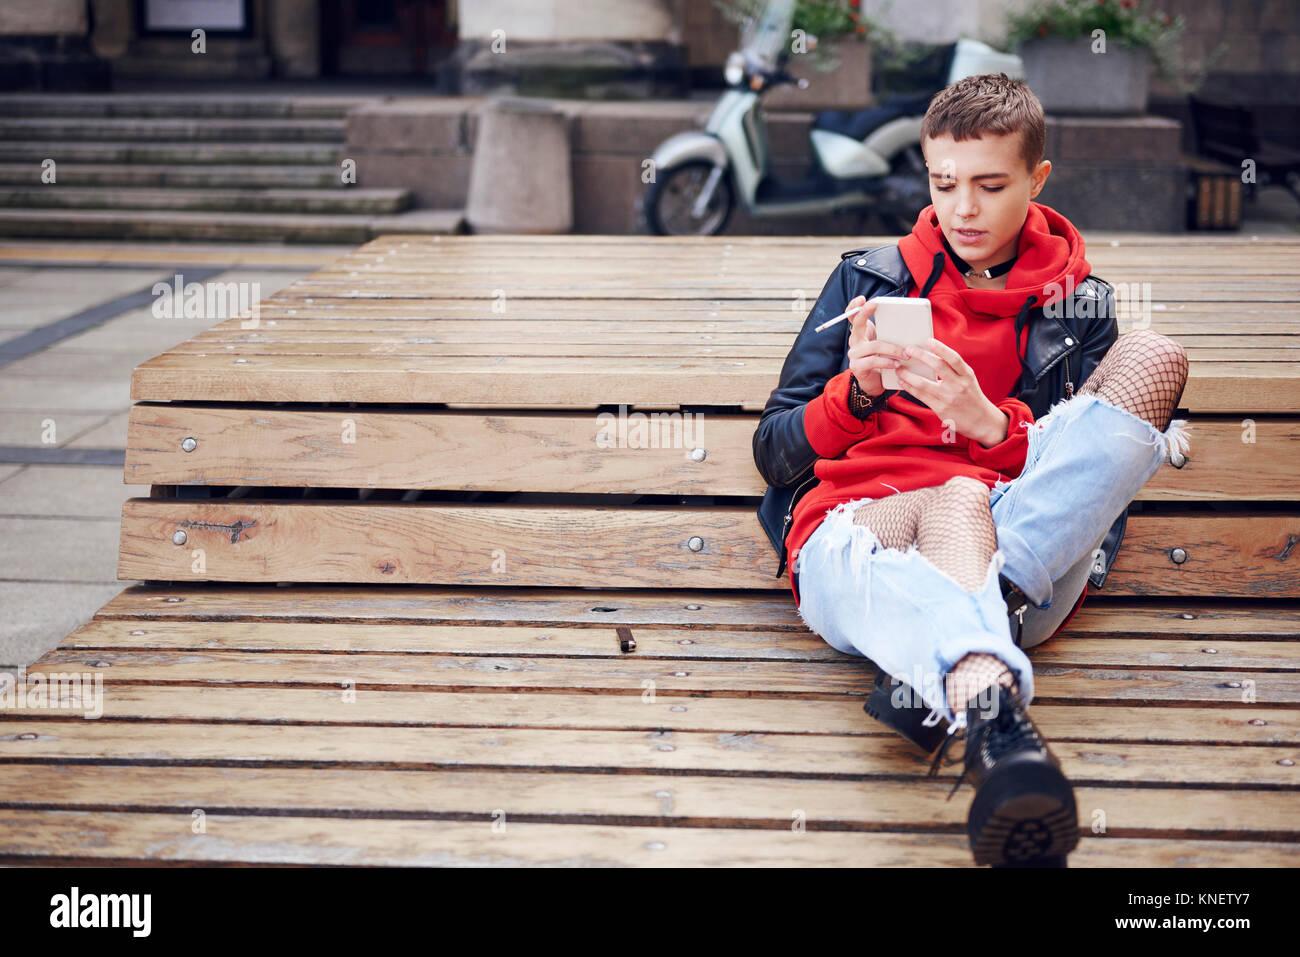 Cool joven con pelo corto mirando smartphone y fumar cigarrillo en el banco ciudad Imagen De Stock